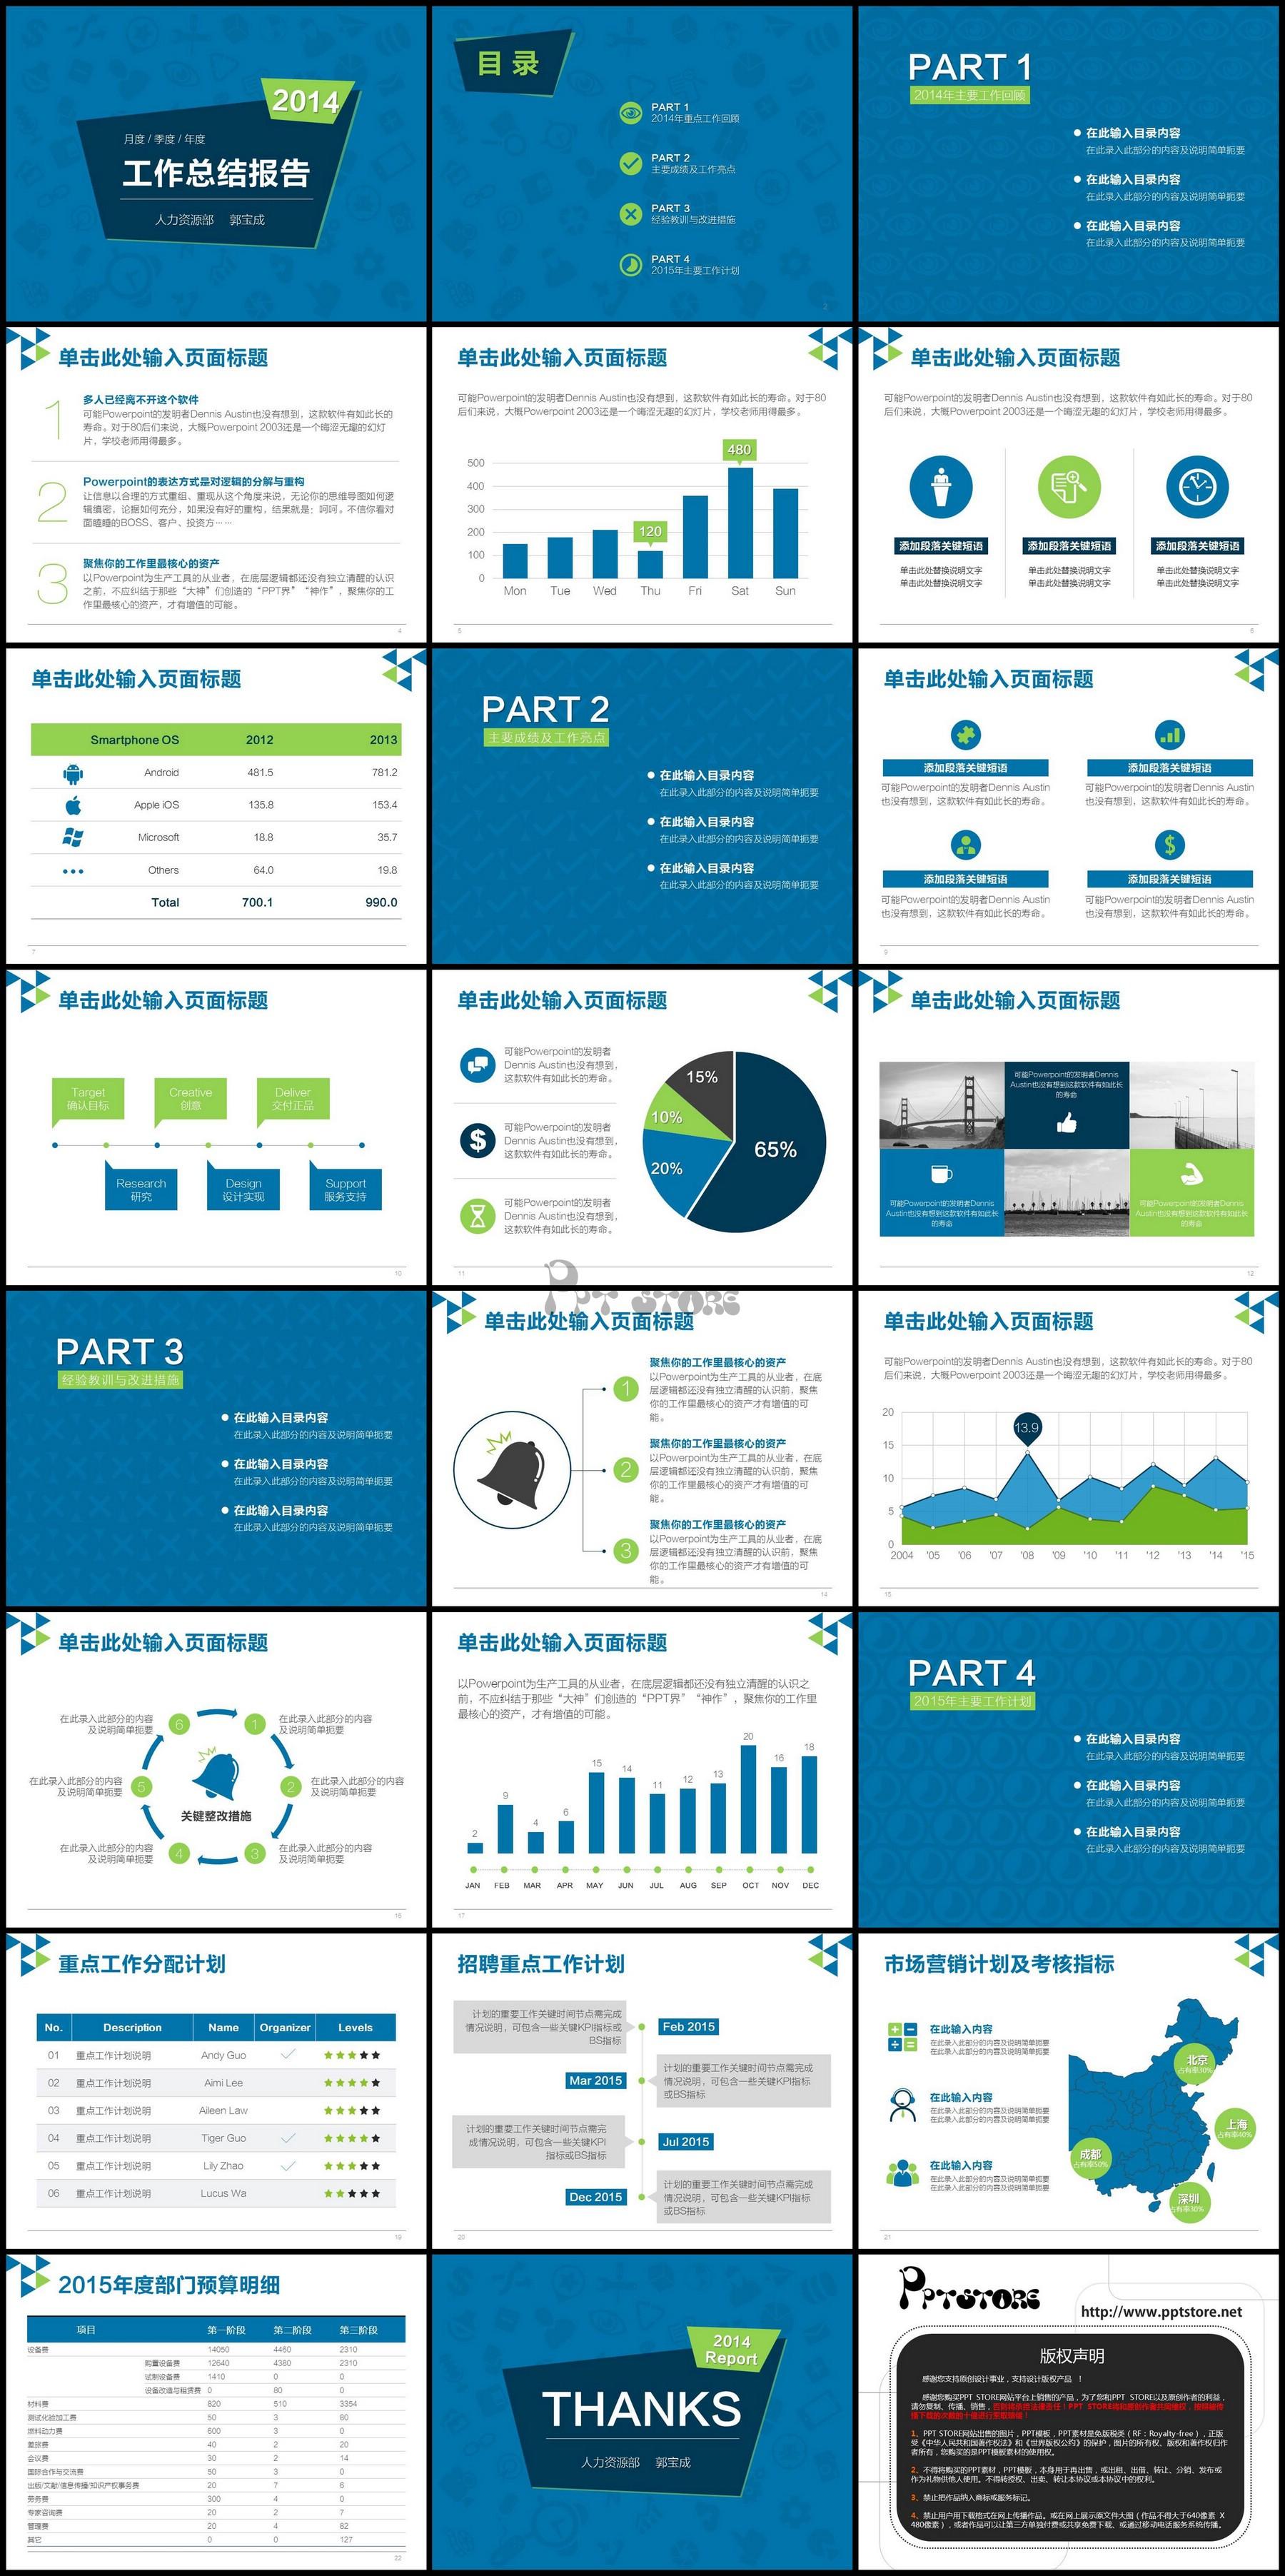 【模板简介】: 潮流大气、扁平化、欧美风、工作计划总结报告PPT模版,采用沉稳蓝色搭配清新绿色,独特背景设计,辅以流行三角形做装饰,别具一格,绝不雷同,助你月度、季度、年度好总结!更有多种图文版式,方便套用修改,适合各类工作总结,工作计划,项目汇报等高端演示场合(稍加修改也适合广告提案、产品推广、商务展示等)。 4个章节目录页都单独设计(修改请到母板视图下操作),密集恐惧症者慎入!所有元素全部可修改。 【售后服务】:定制PPT或者模板使用过程中有任何问题请QQ:398864611或者艾特新浪微博:@And